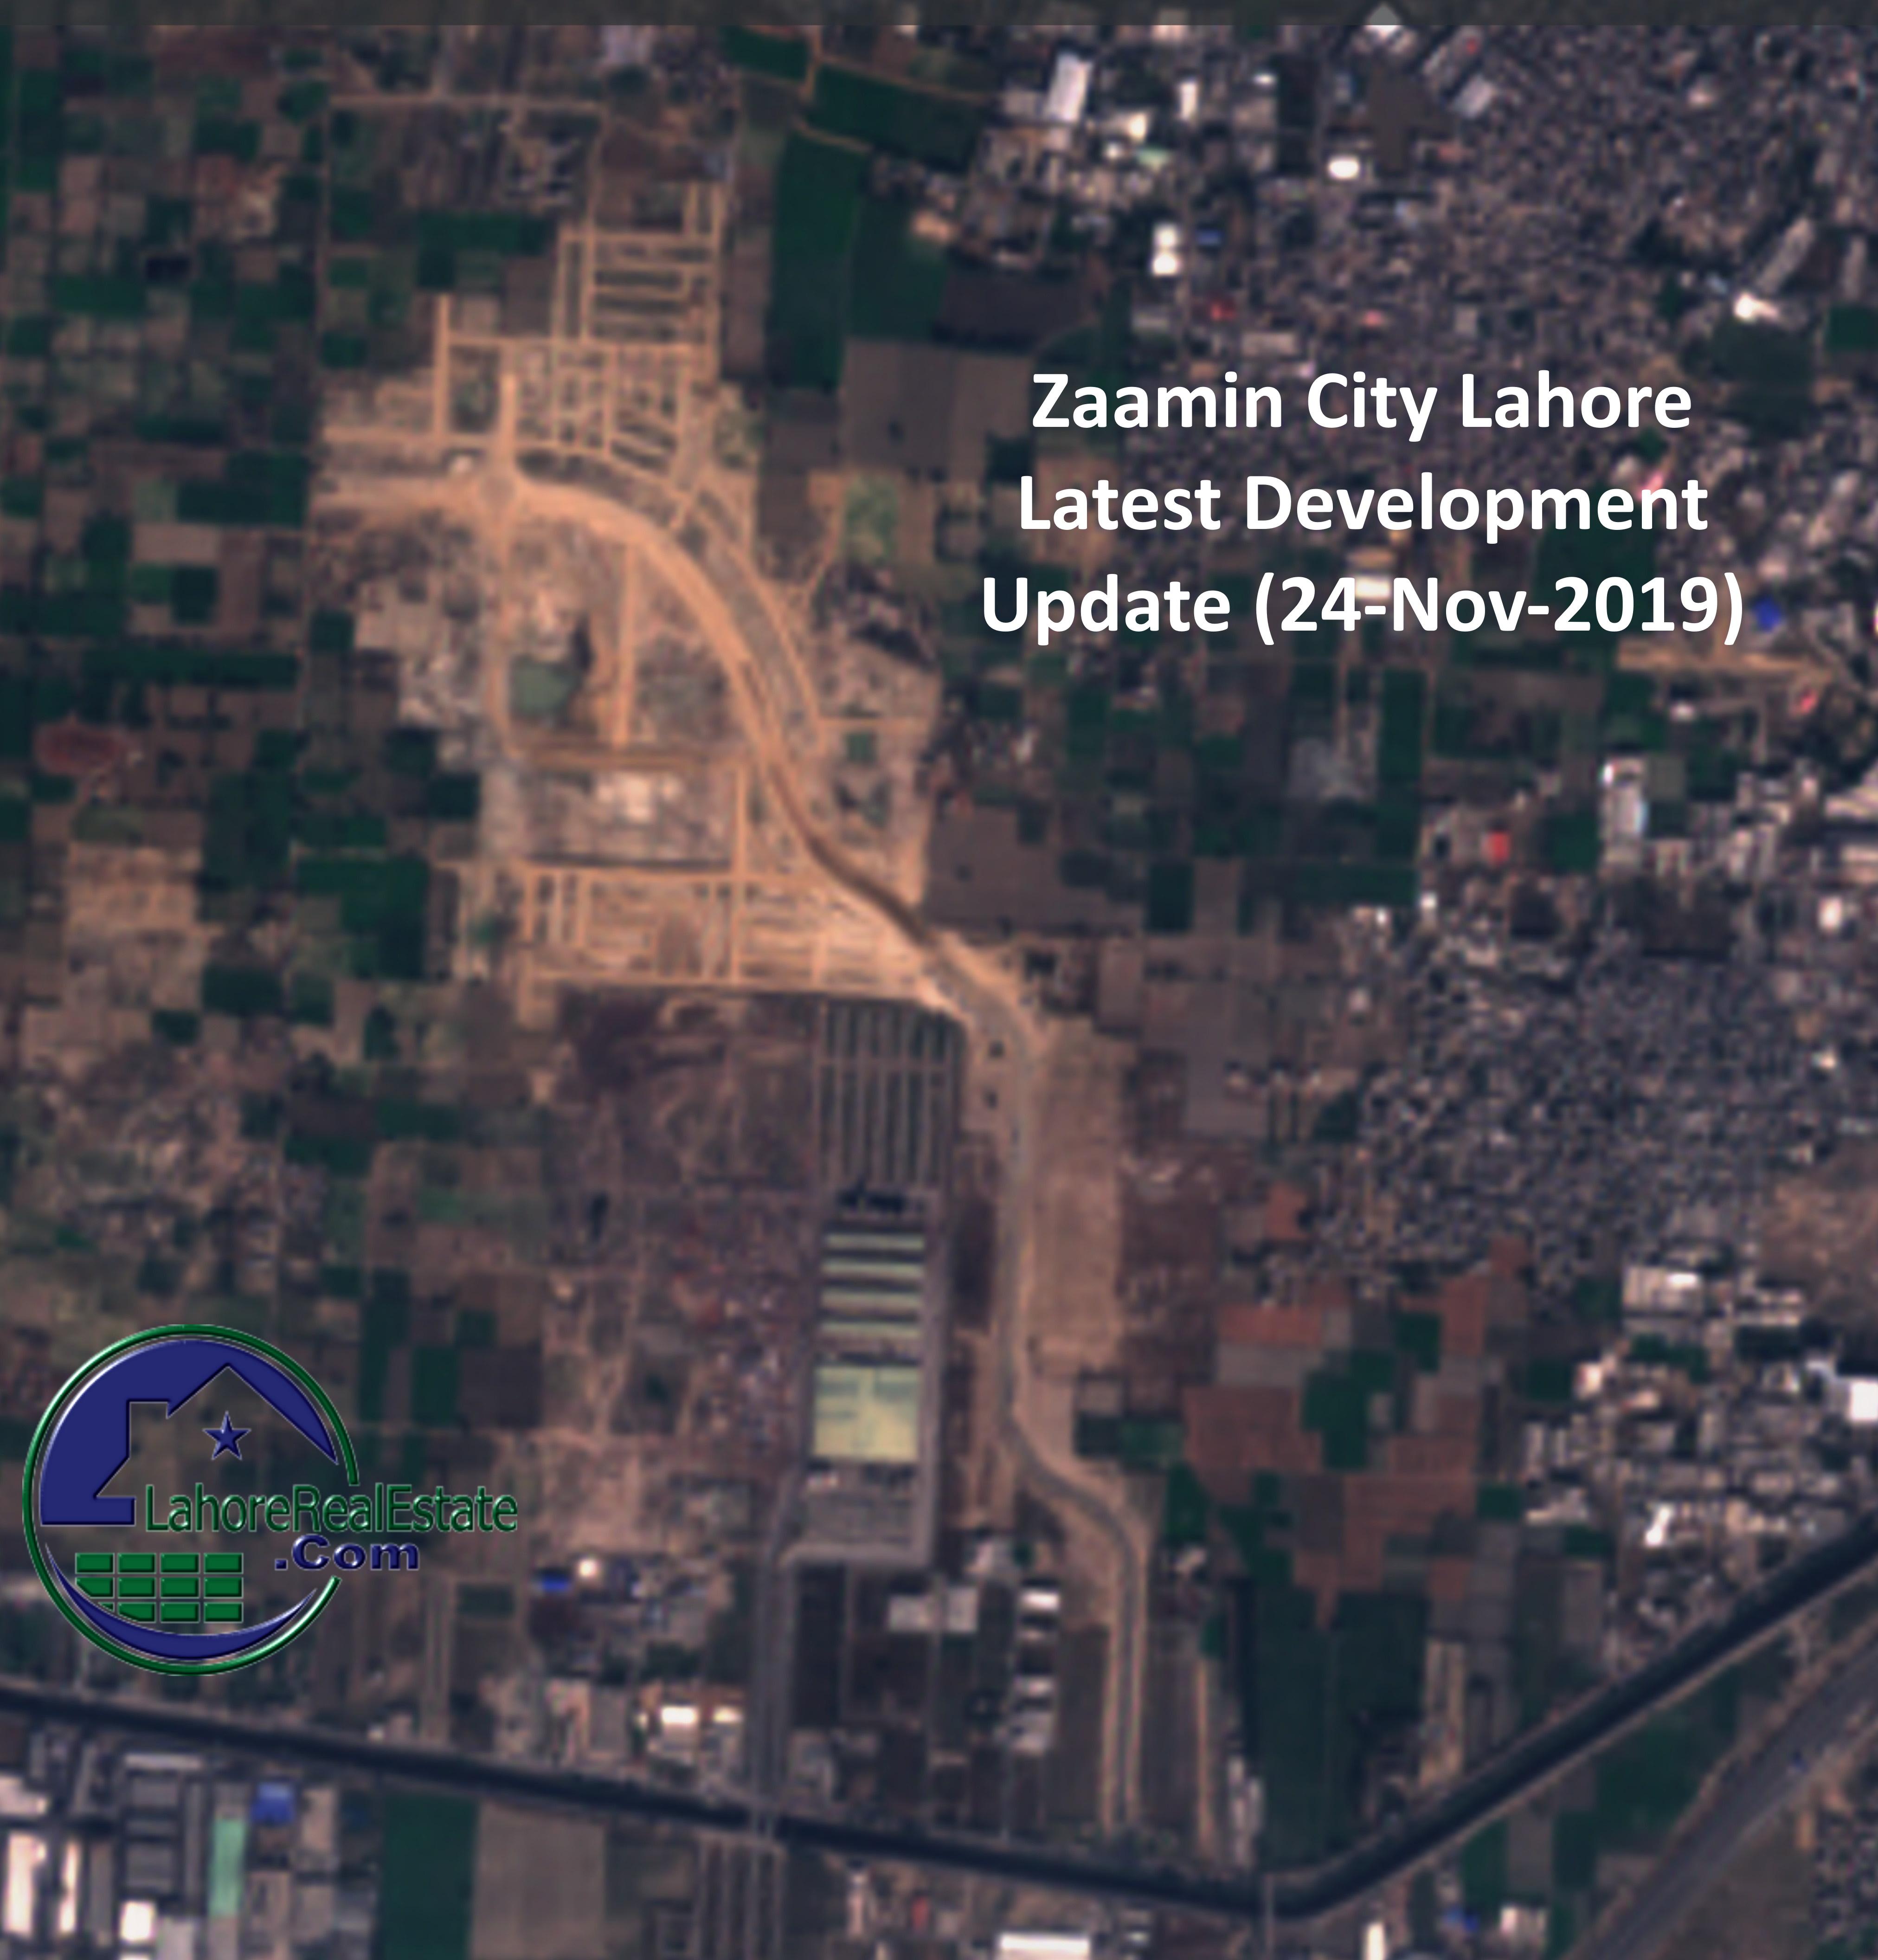 Zaamin City Lahore